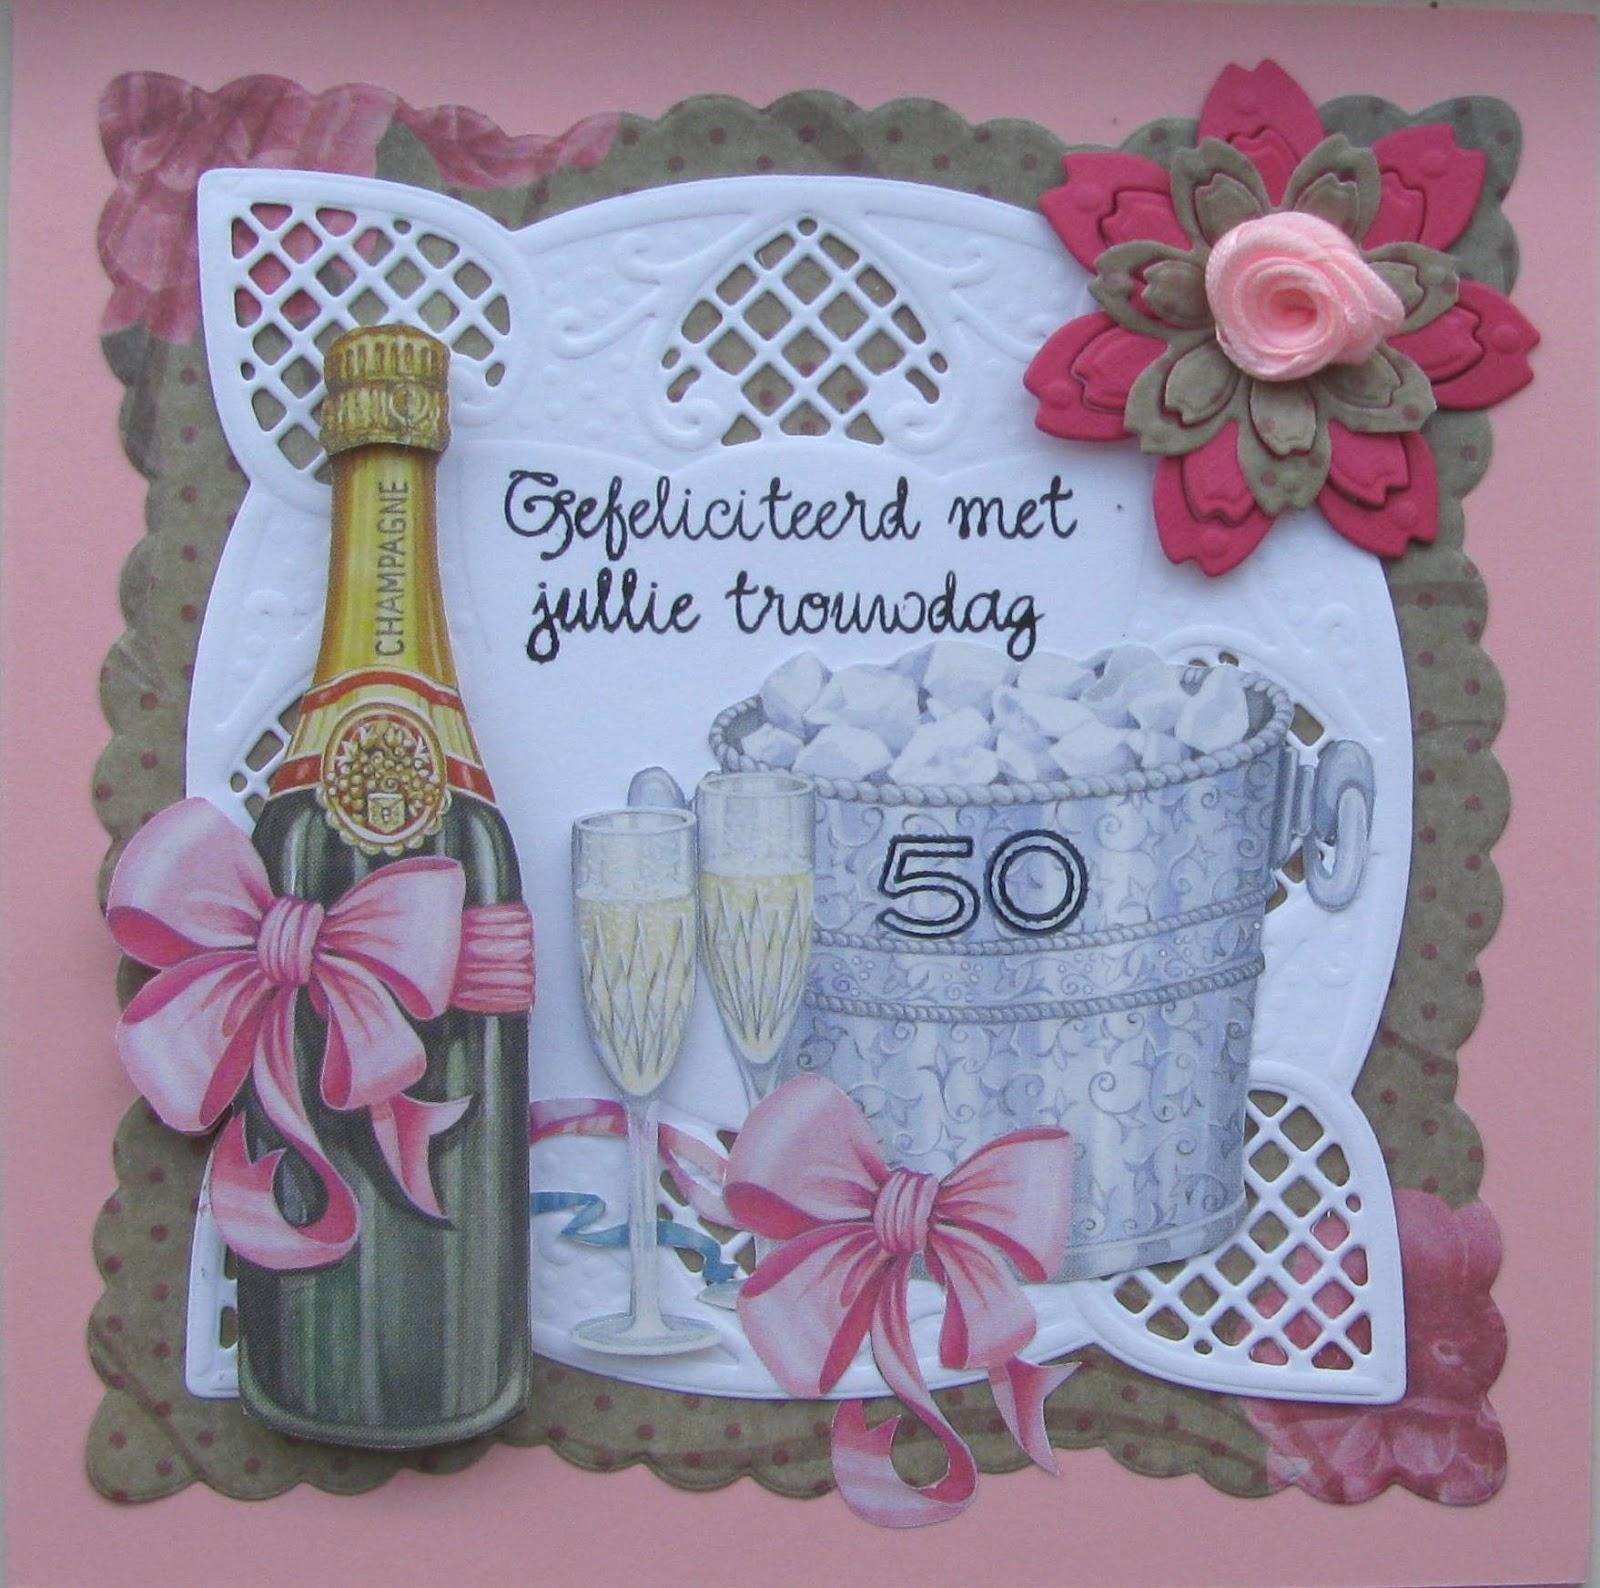 kaart 50 jaar getrouwd Karla Krea: 50 jaar getrouwd kaart 50 jaar getrouwd